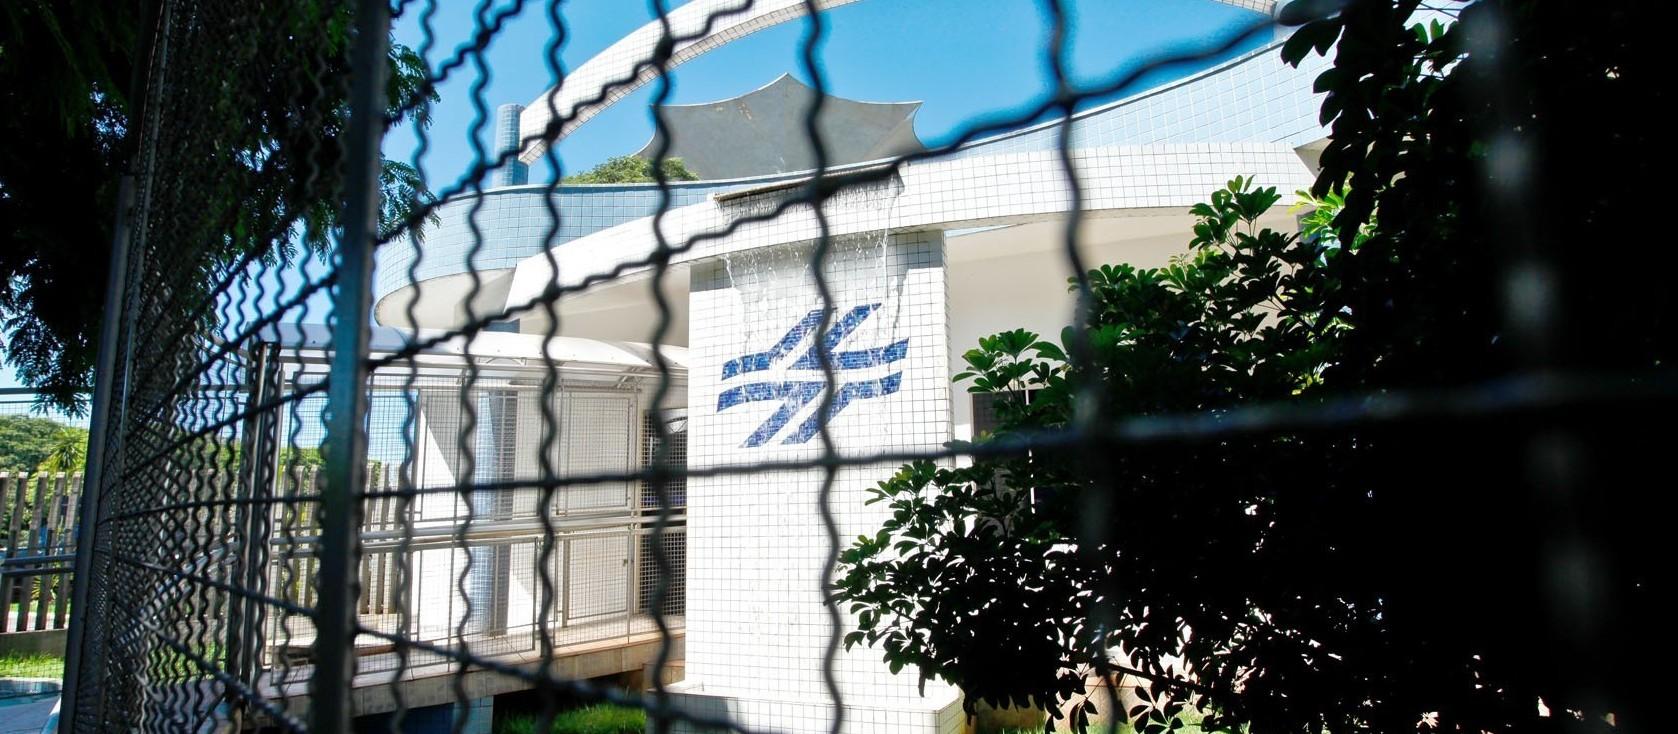 Conserto emergencial pode prejudicar abastecimento de água em Itambé